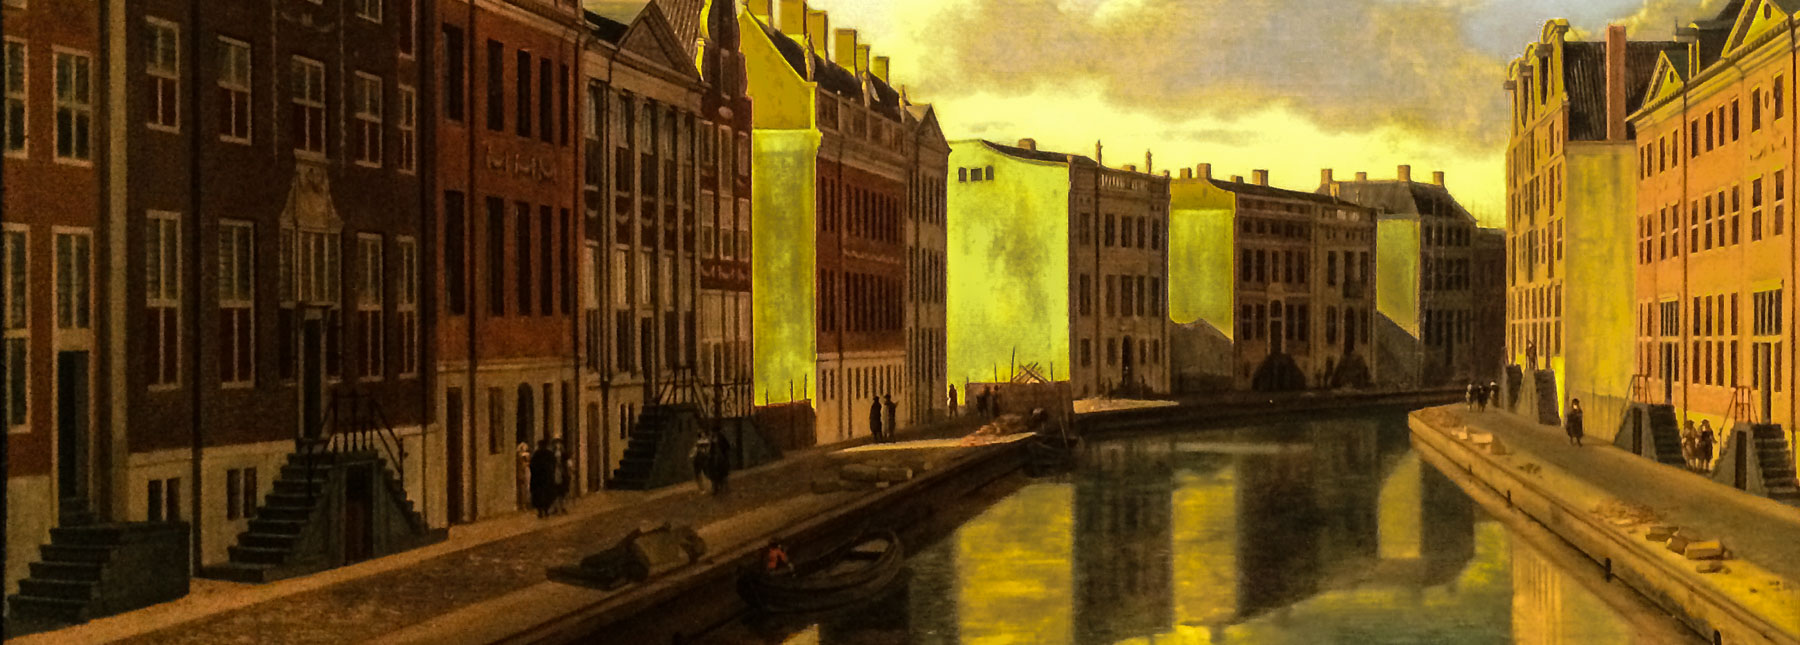 Visit Amsterdam's Van Gogh, Stedelijk and Rijksmuseum Without Line-ups